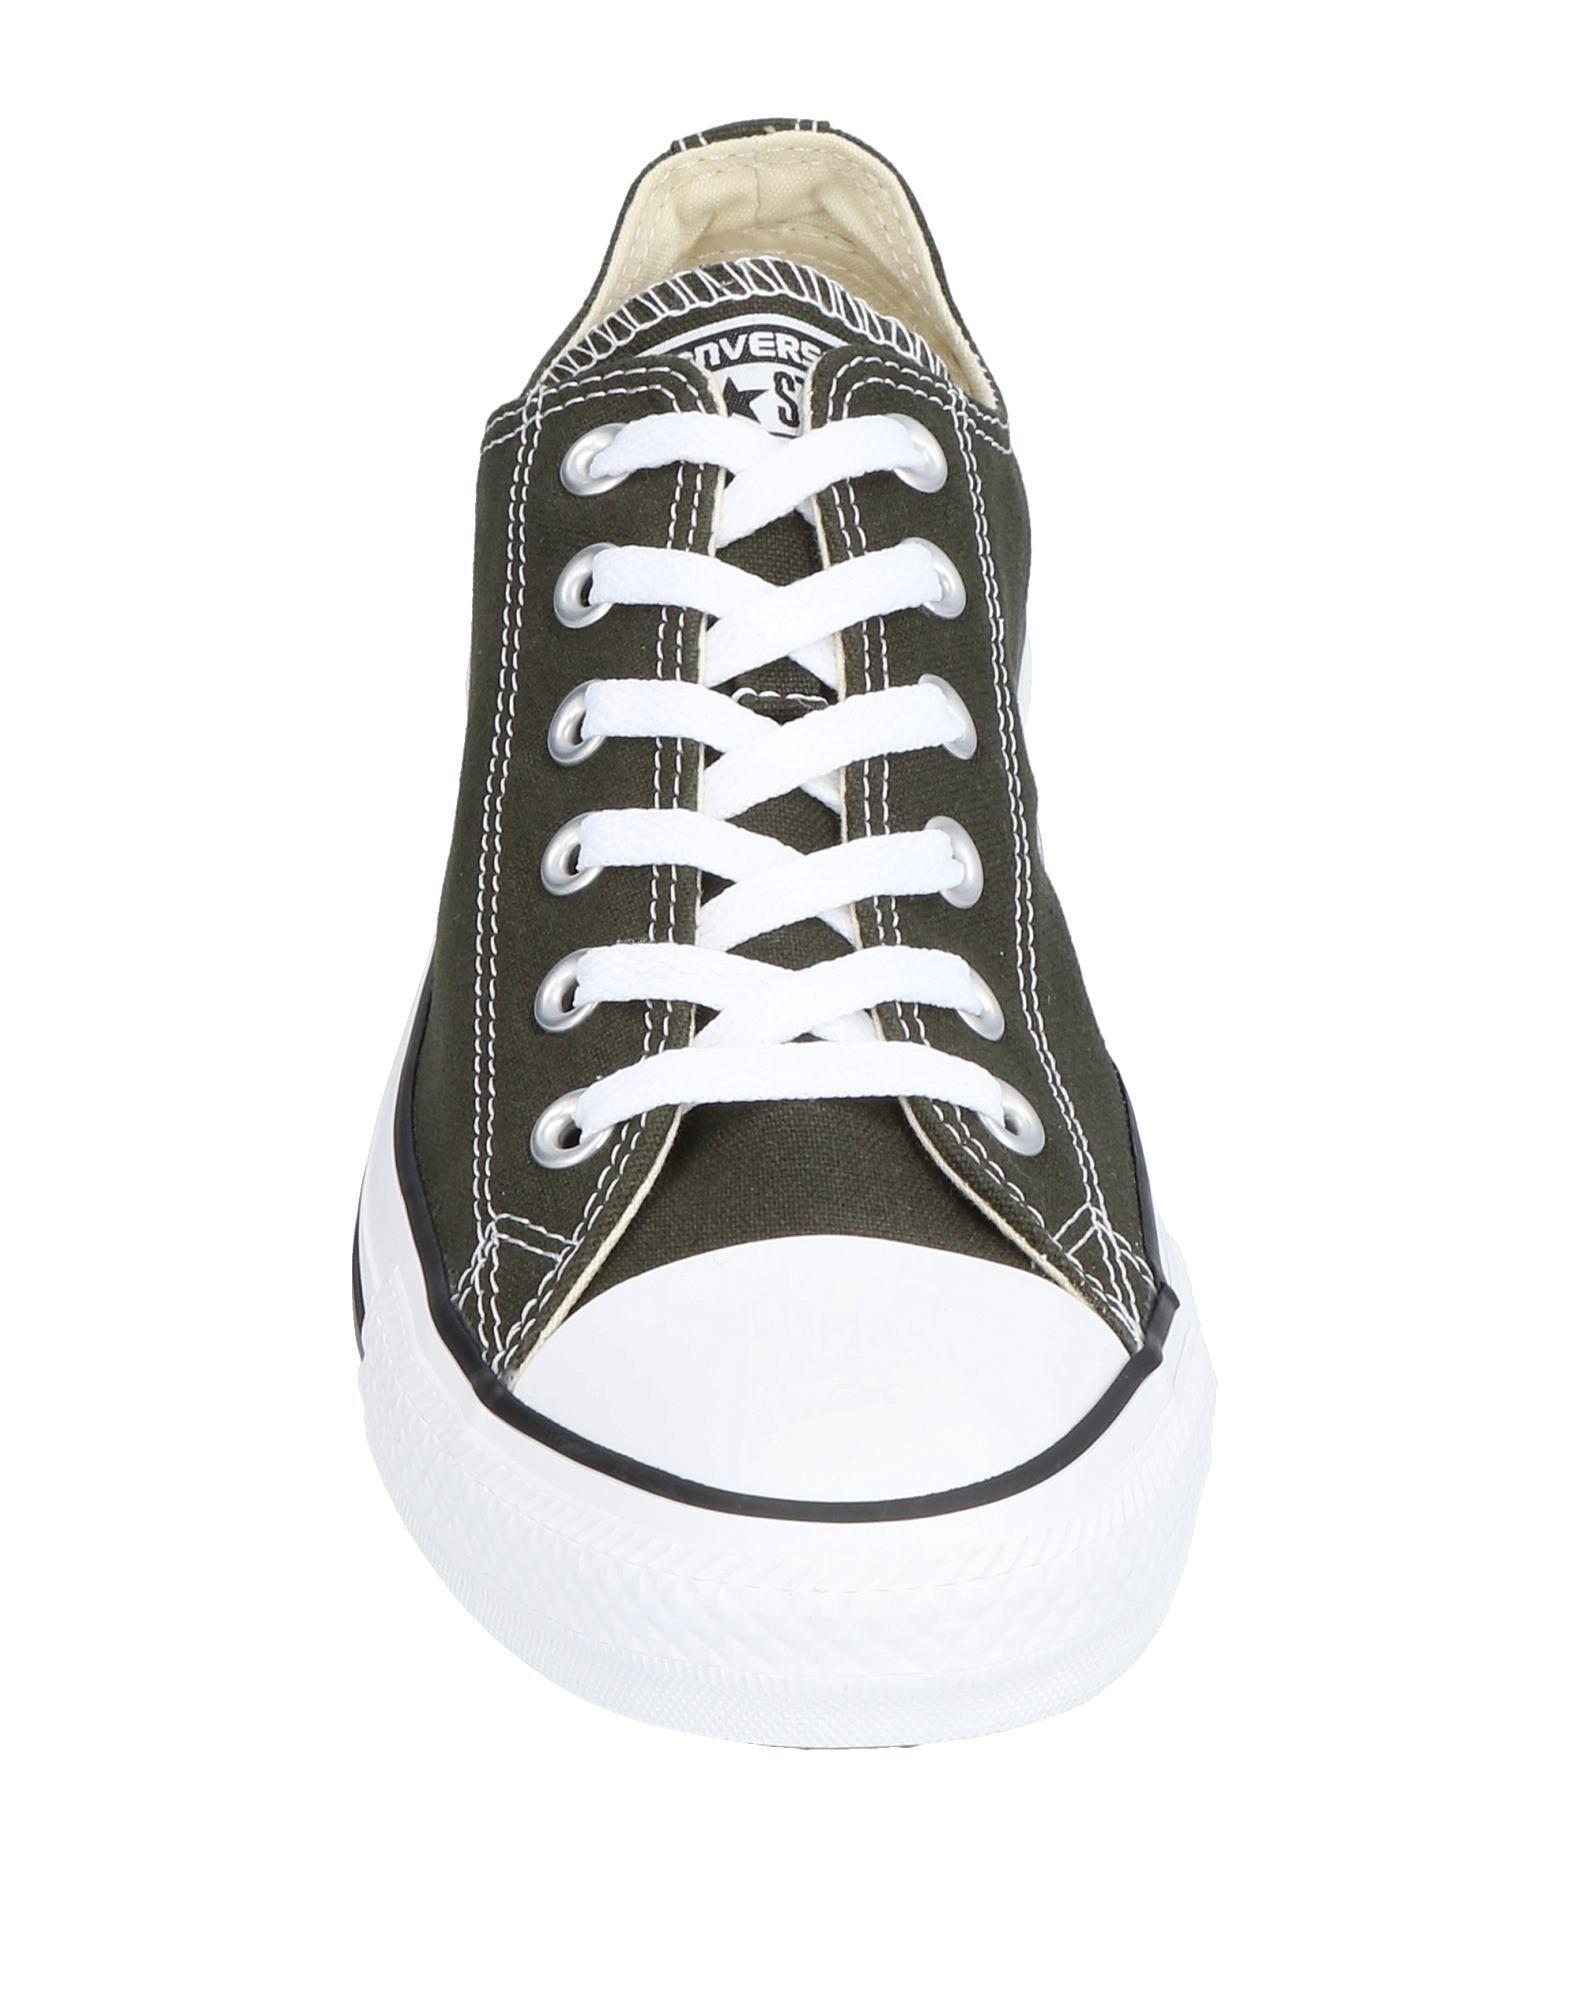 Converse All Star Sneakers sich Herren Gutes Preis-Leistungs-Verhältnis, es lohnt sich Sneakers b21b64